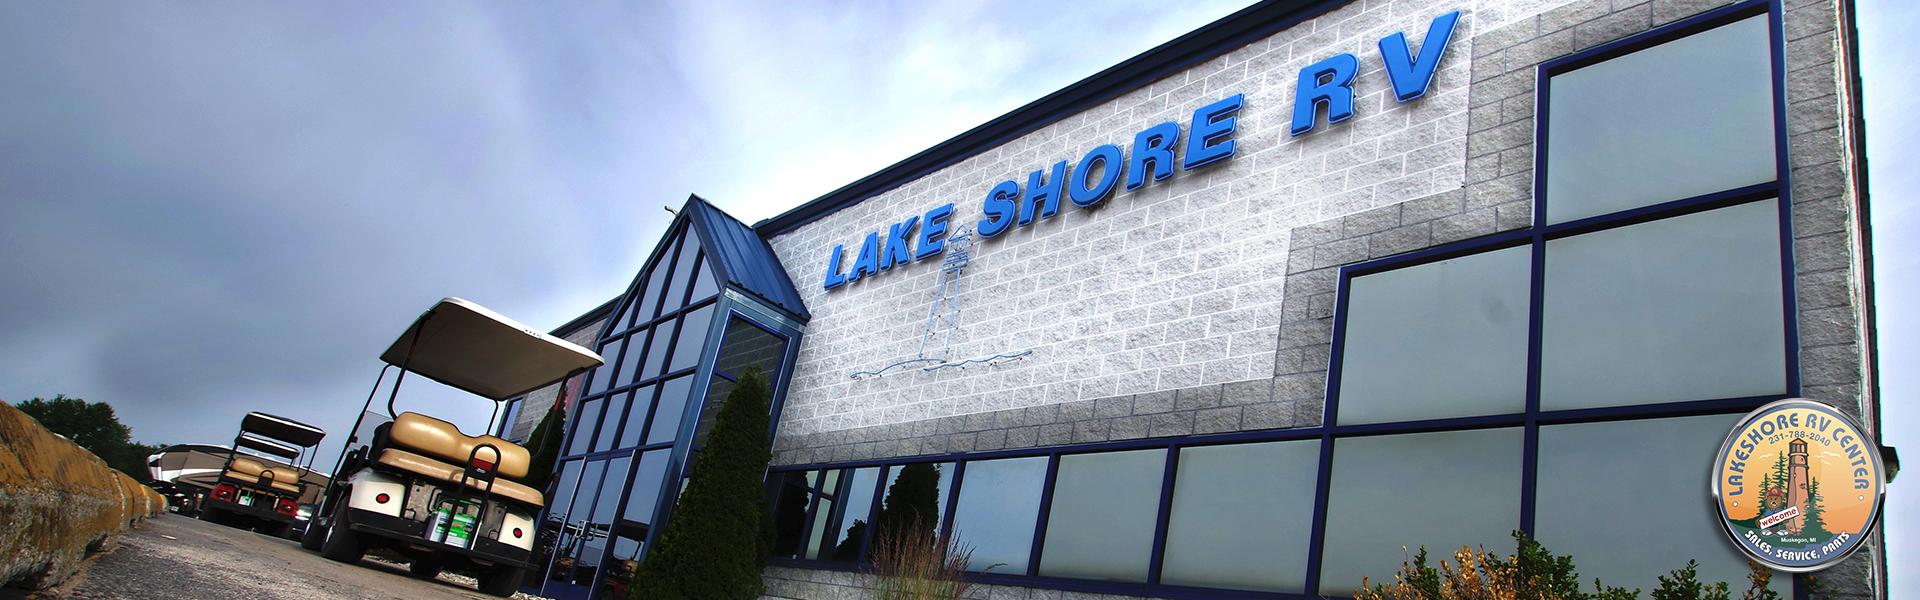 golfcarts-at-storefront-of-lakeshore-rv